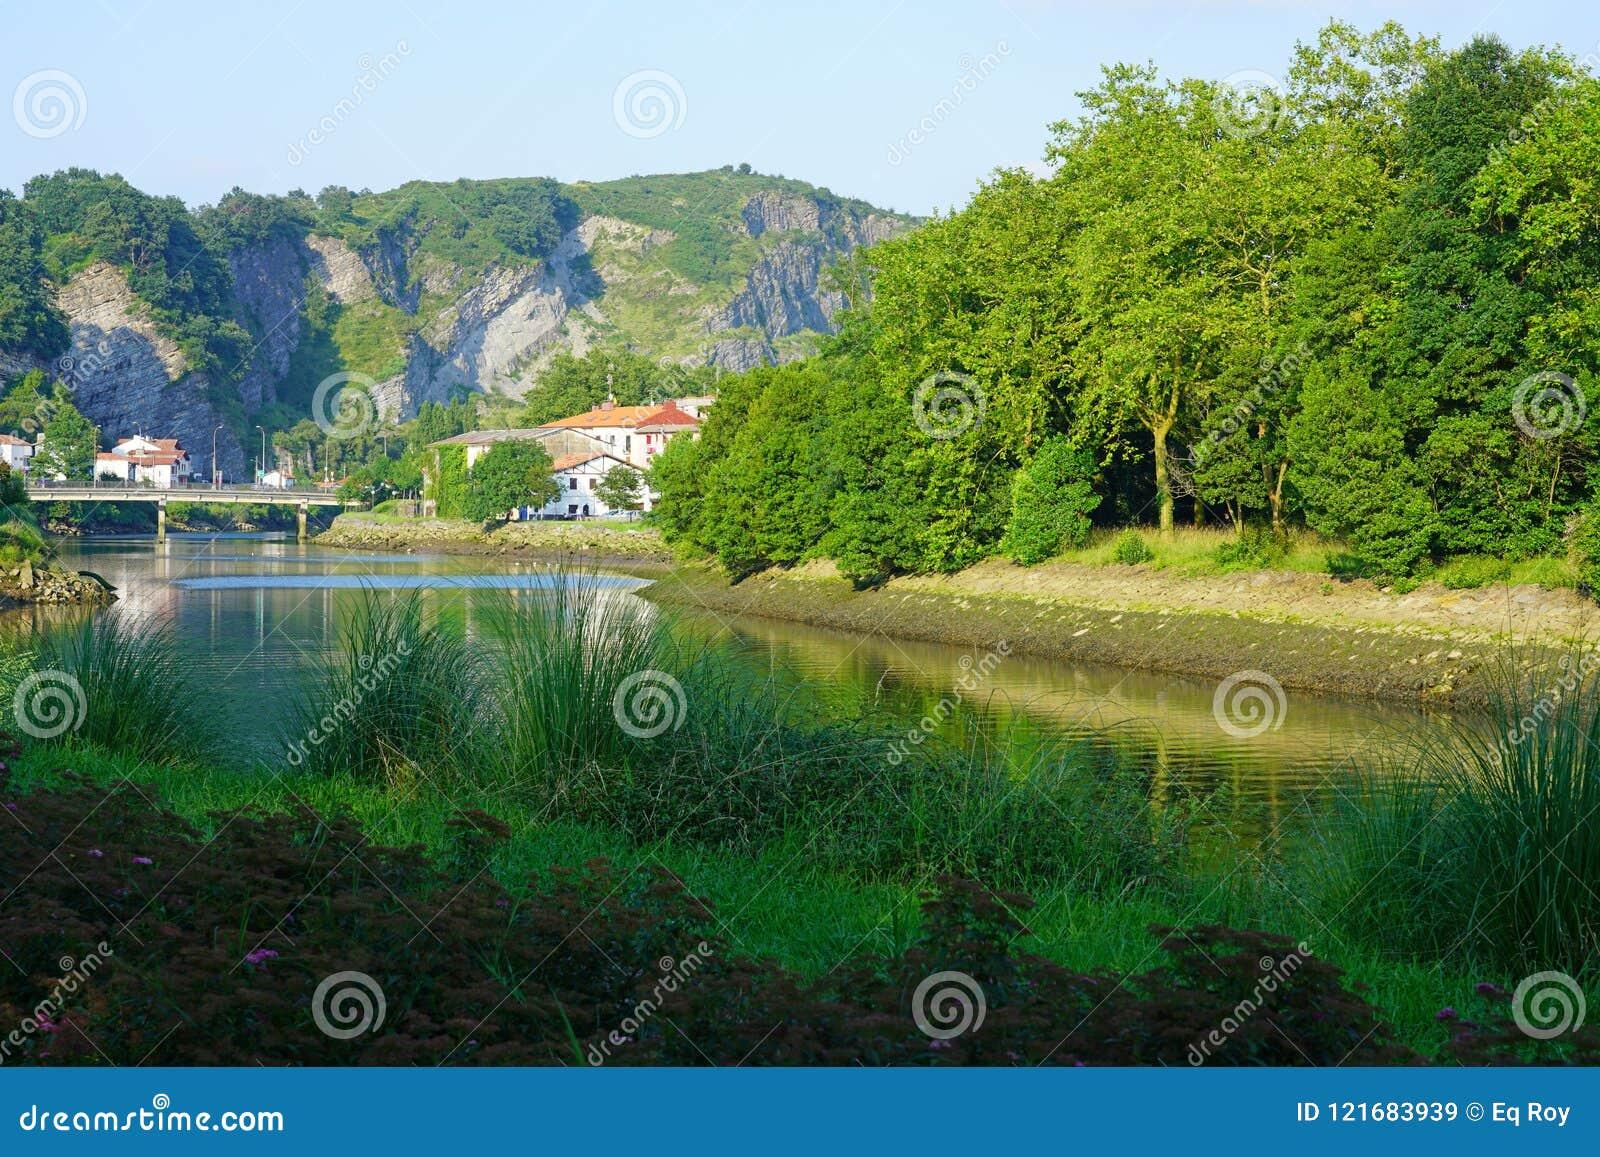 Fasan-Insel auf dem Bidasoa-Fluss zwischen Frankreich und Spanien